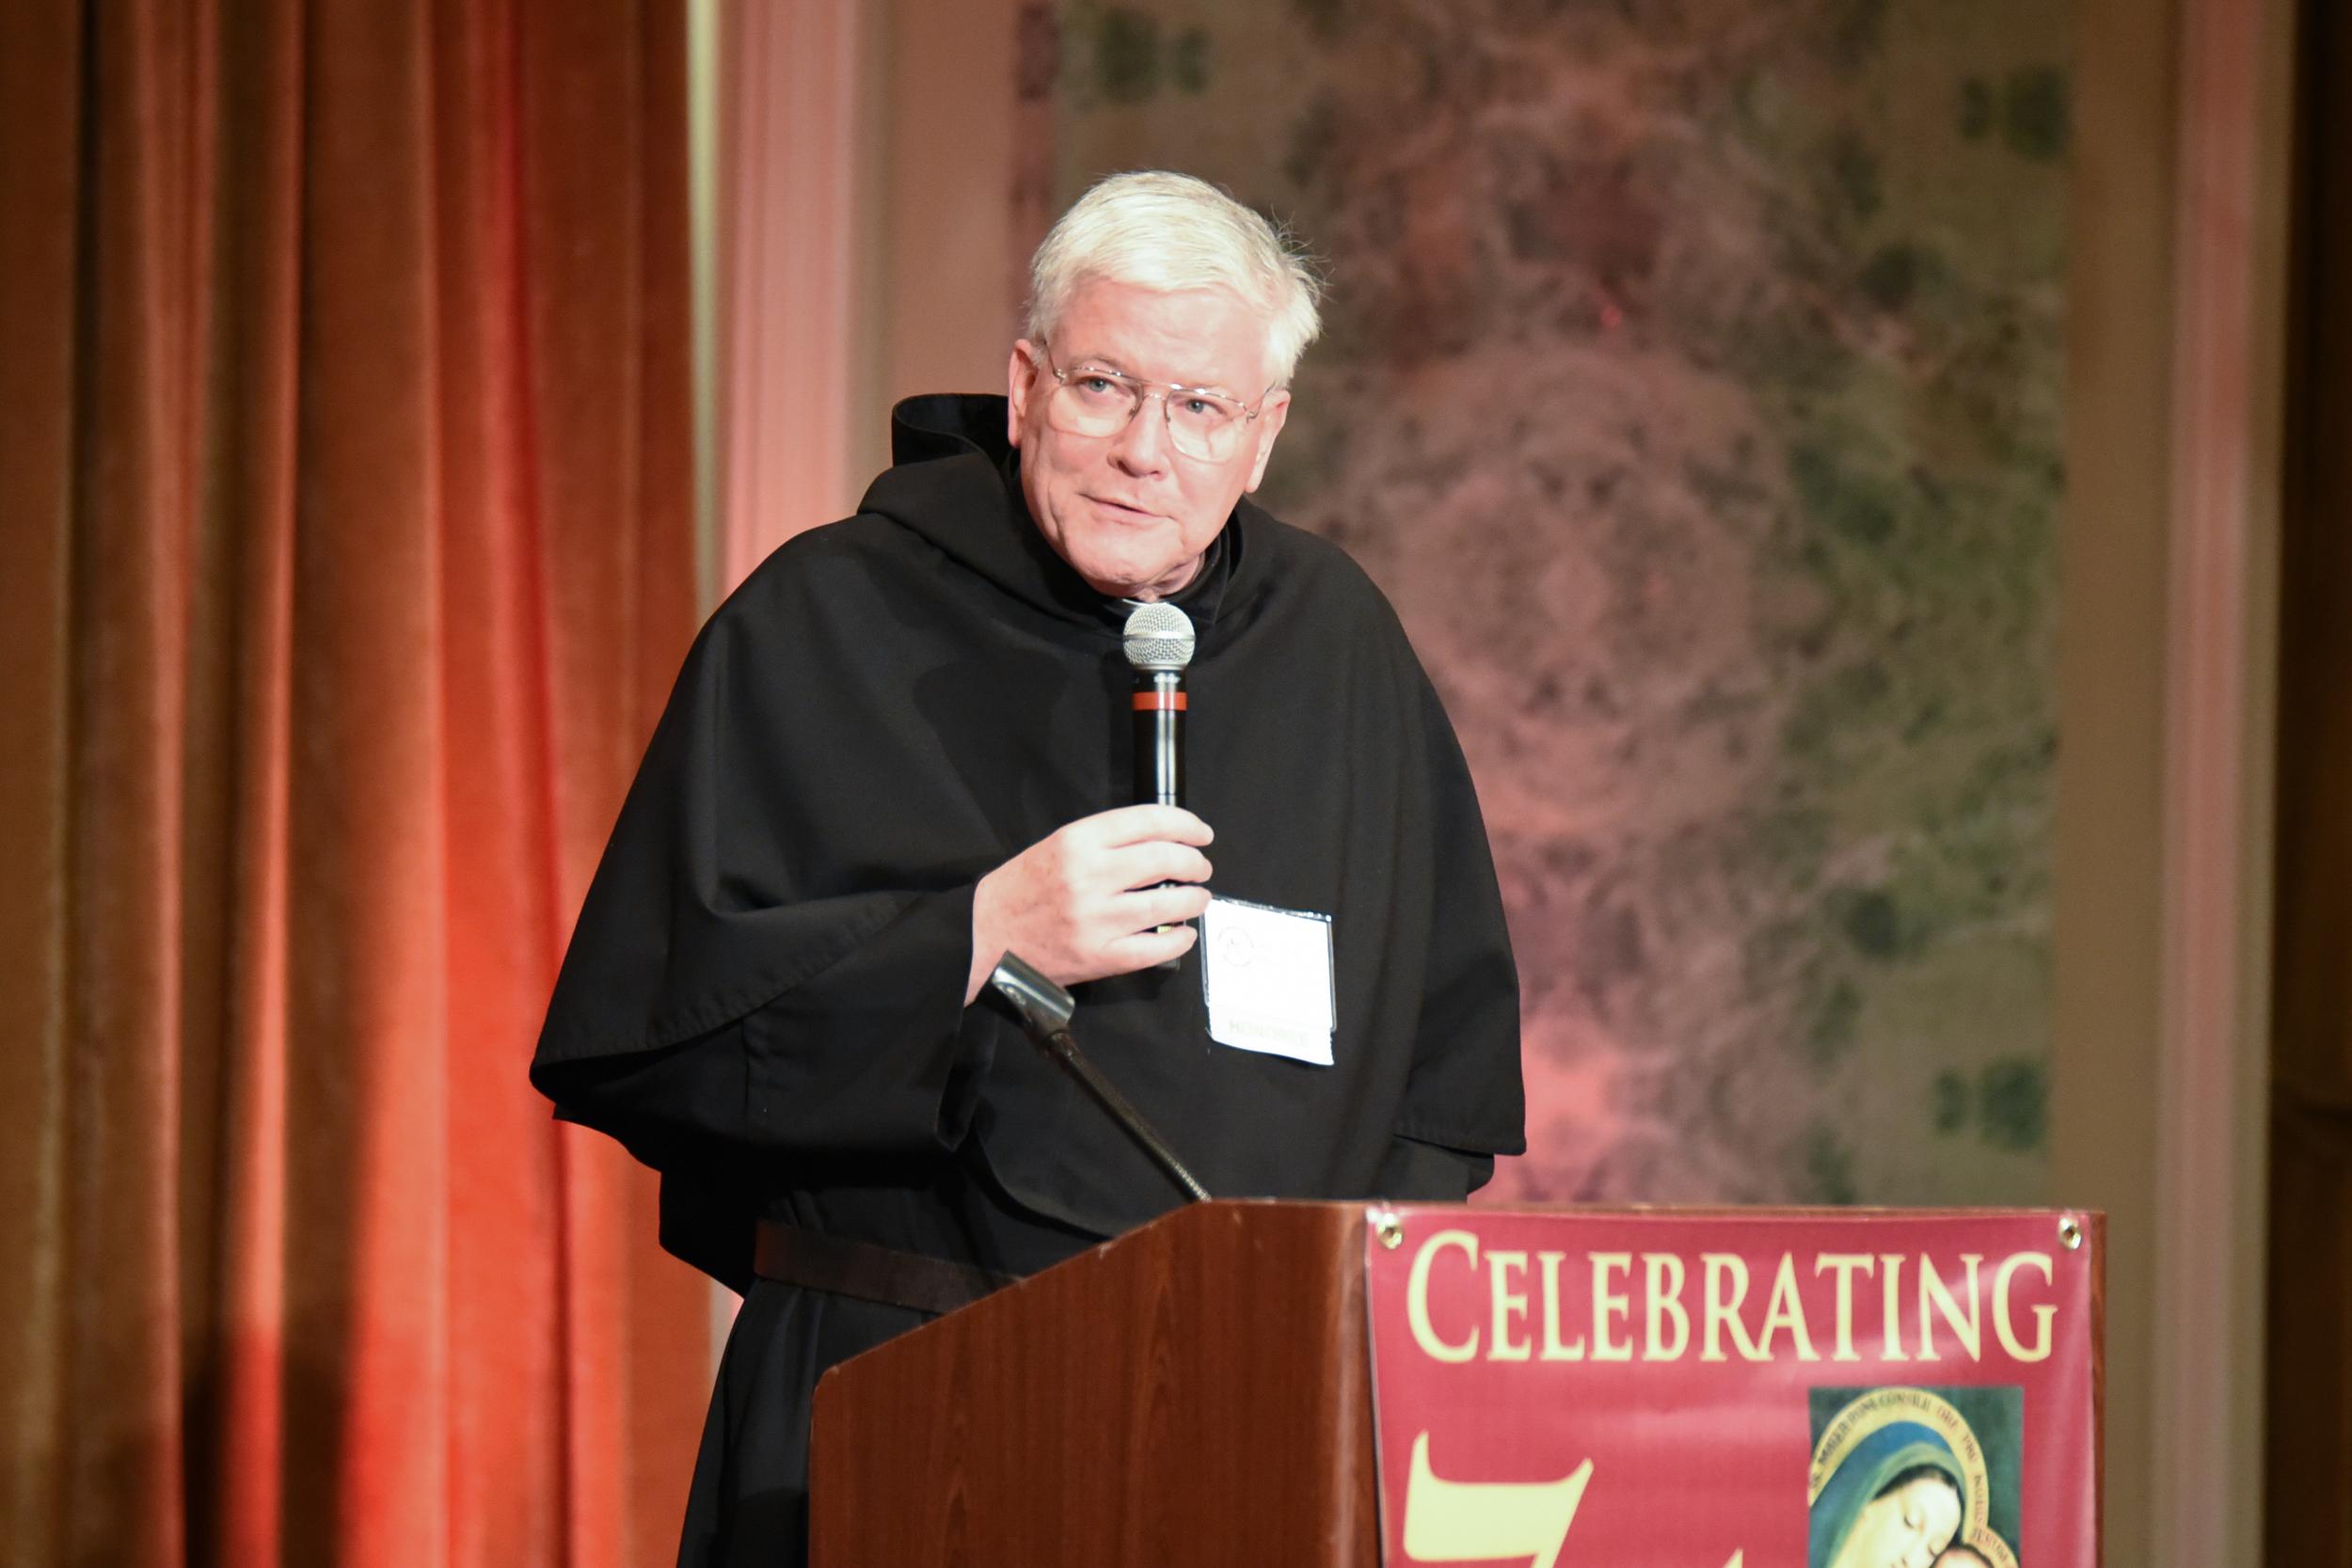 Father Mike Slattery OSA